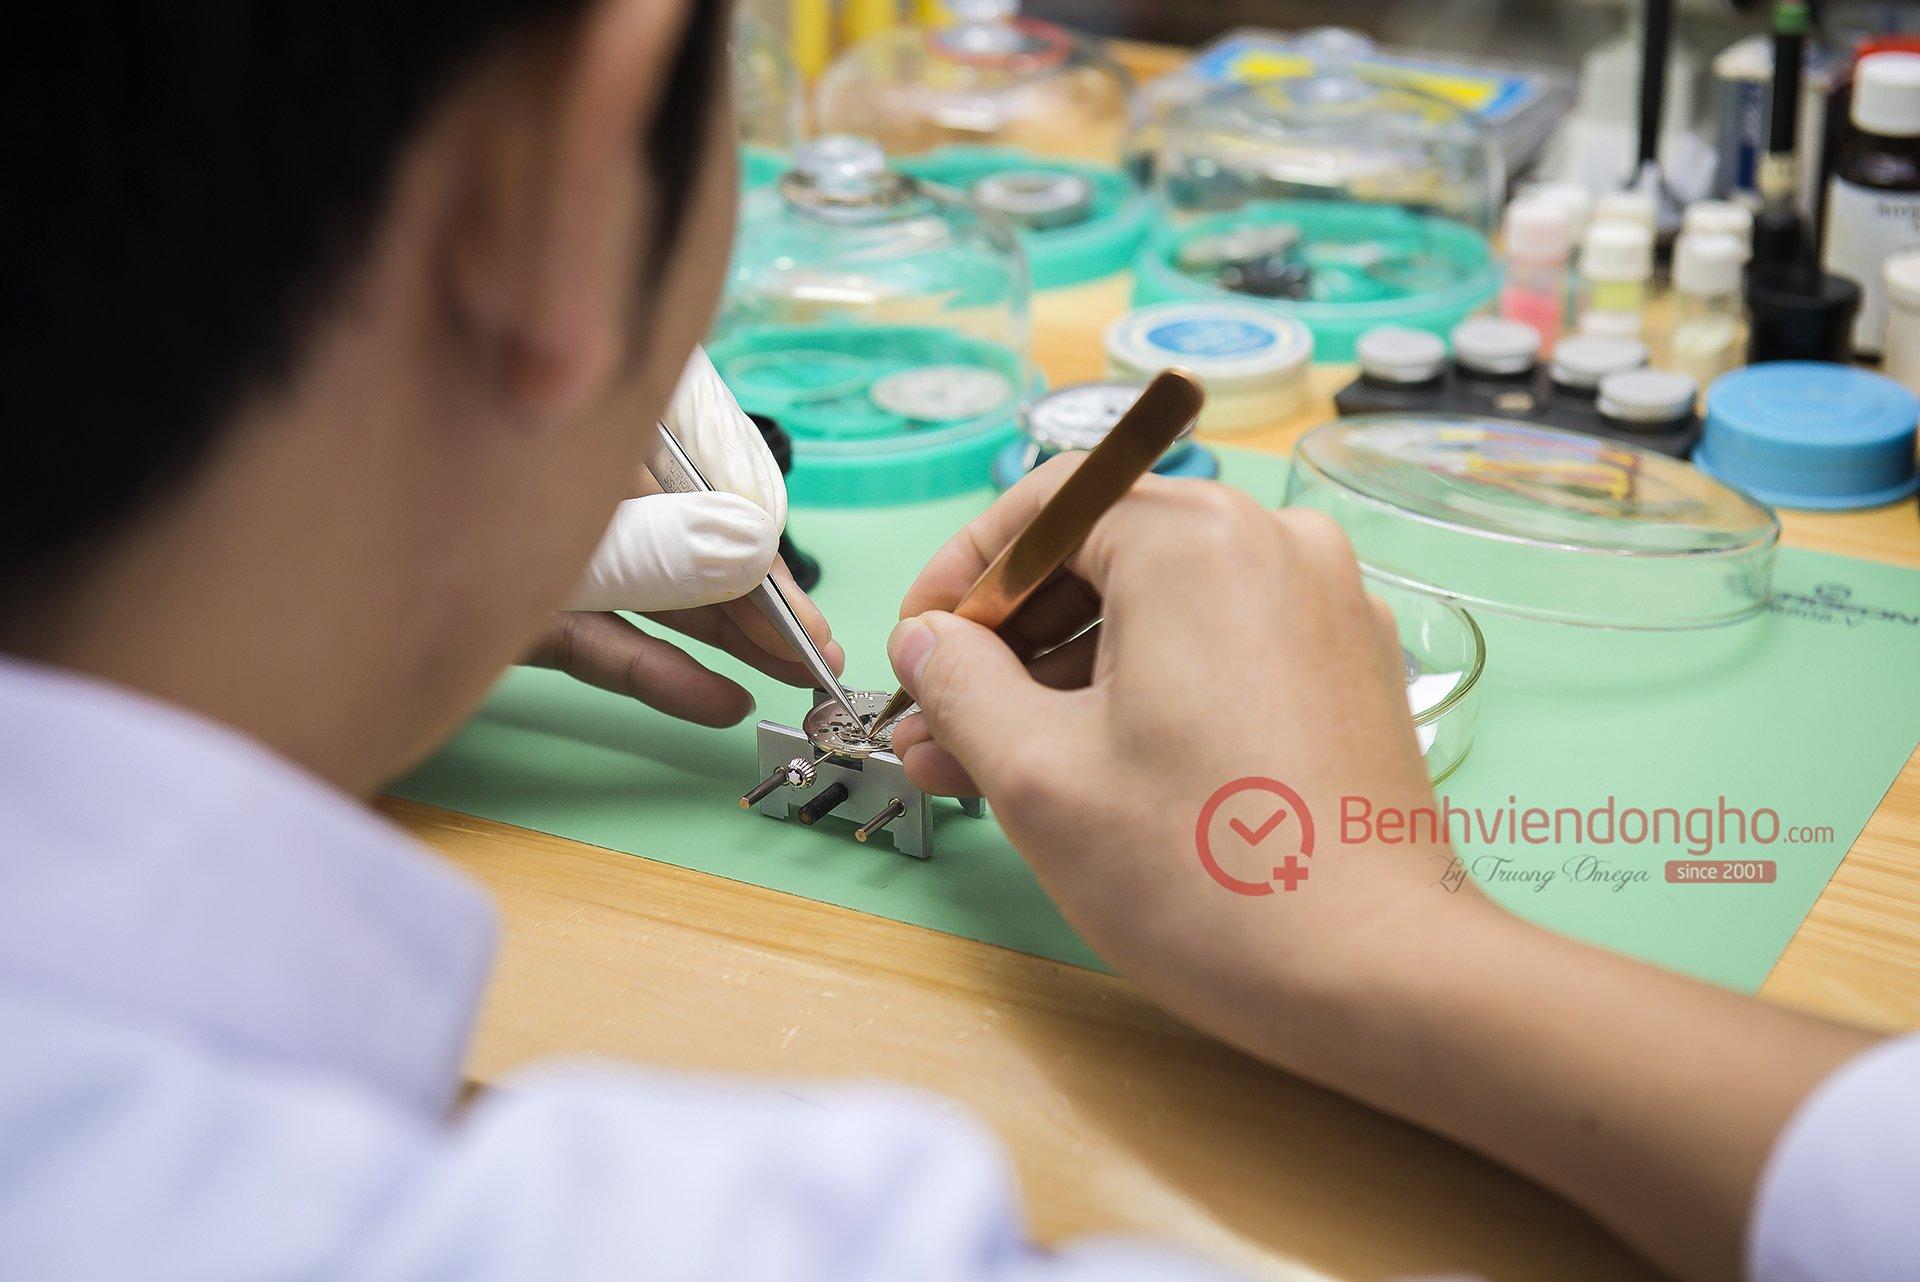 TVT9040 - Phòng kỹ thuật Bệnh Viện Đồng Hồ